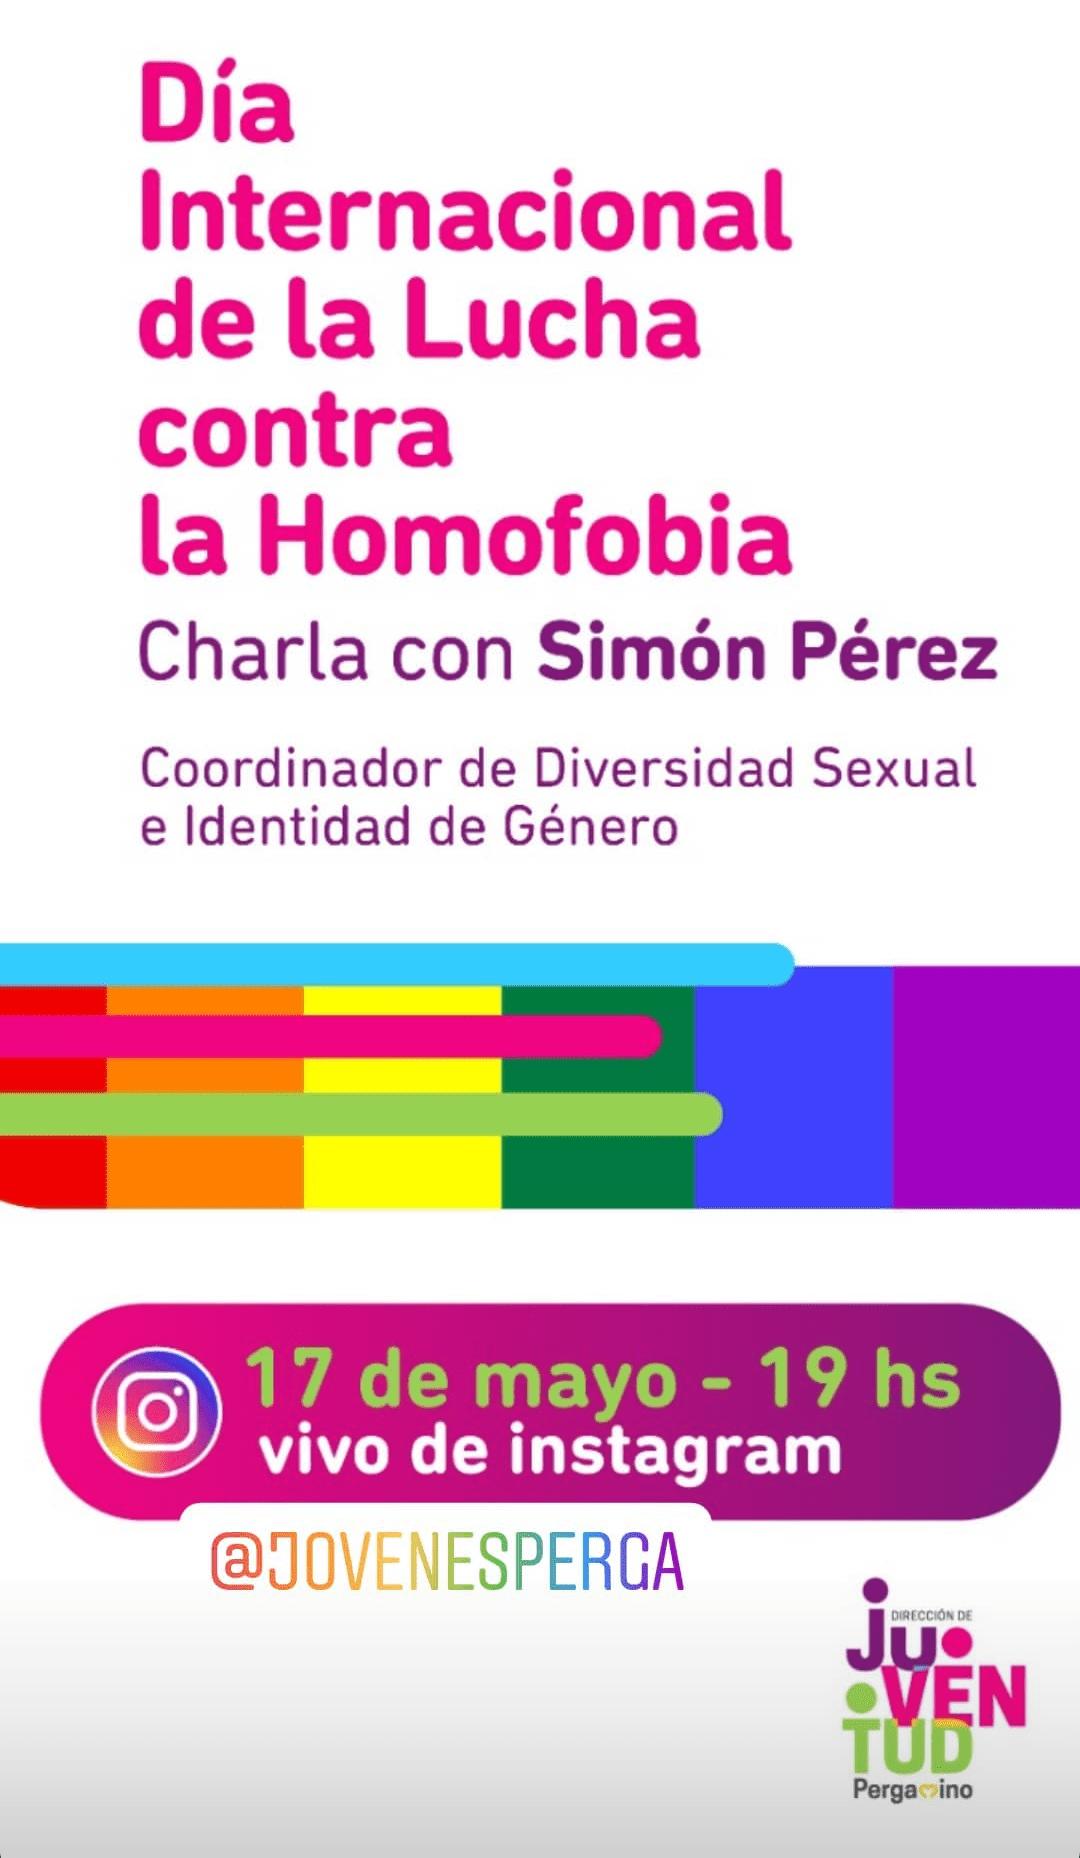 Charla en el marco del Día Internacional contra la Homofobia, Bifobia y Transfobia 1